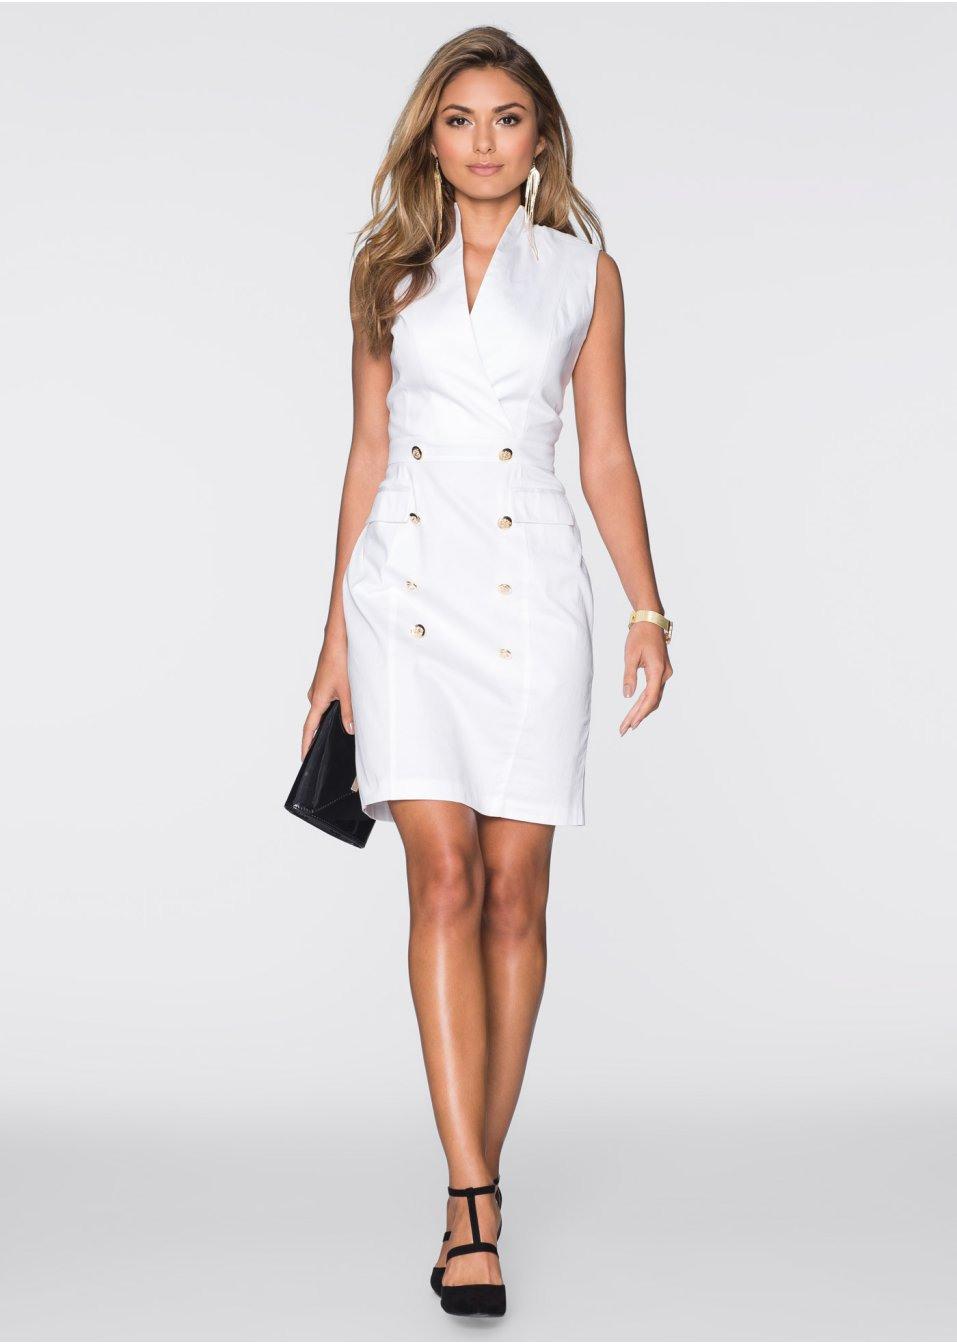 Kleid Weiß  Bodyflirt  Bonprixat